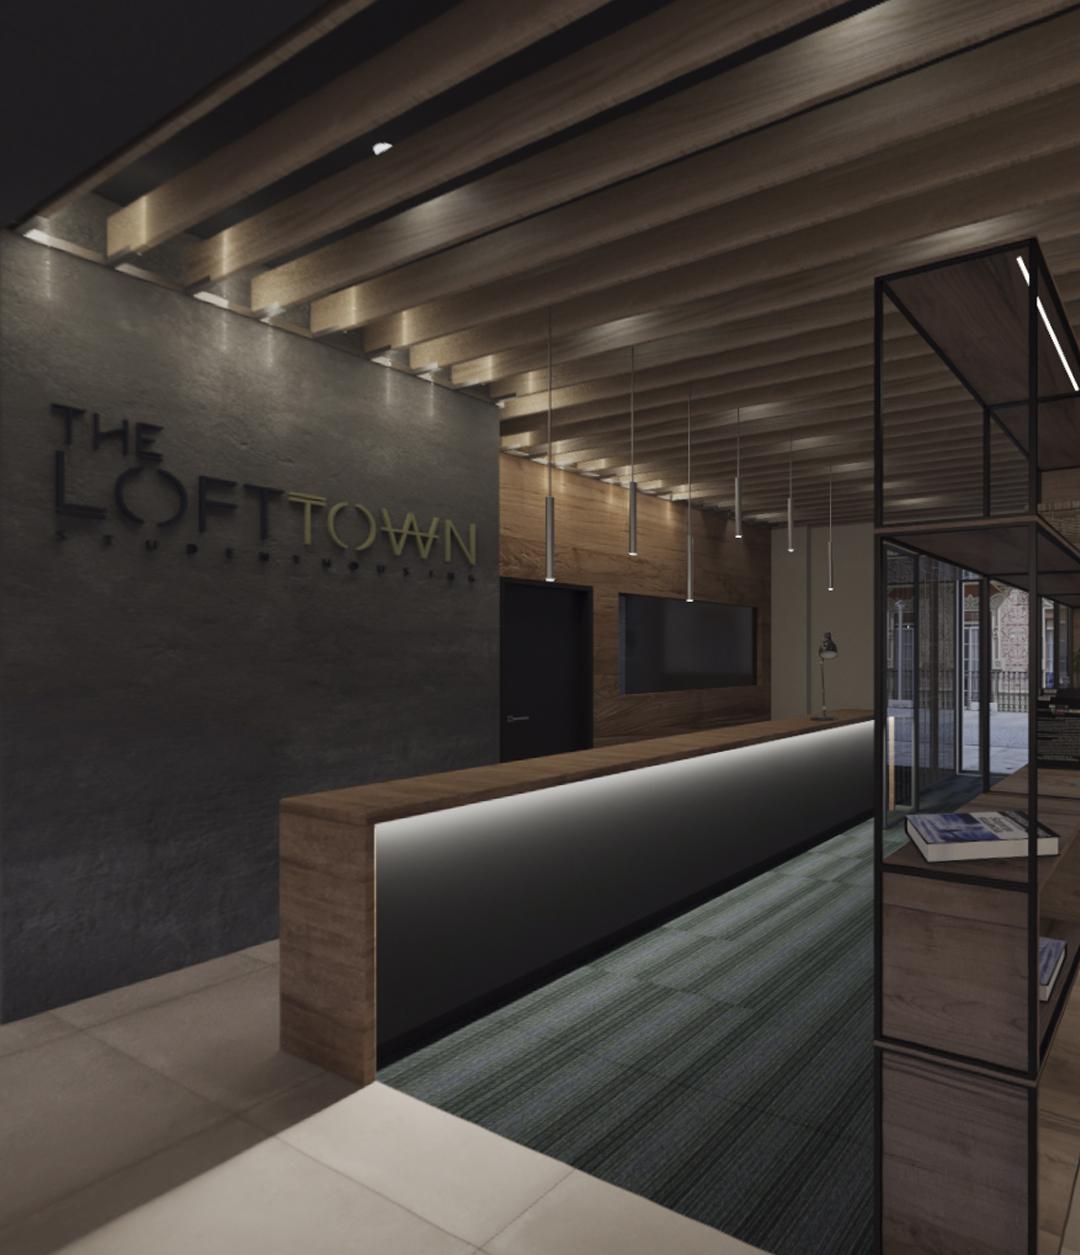 Sobre The Lofttown